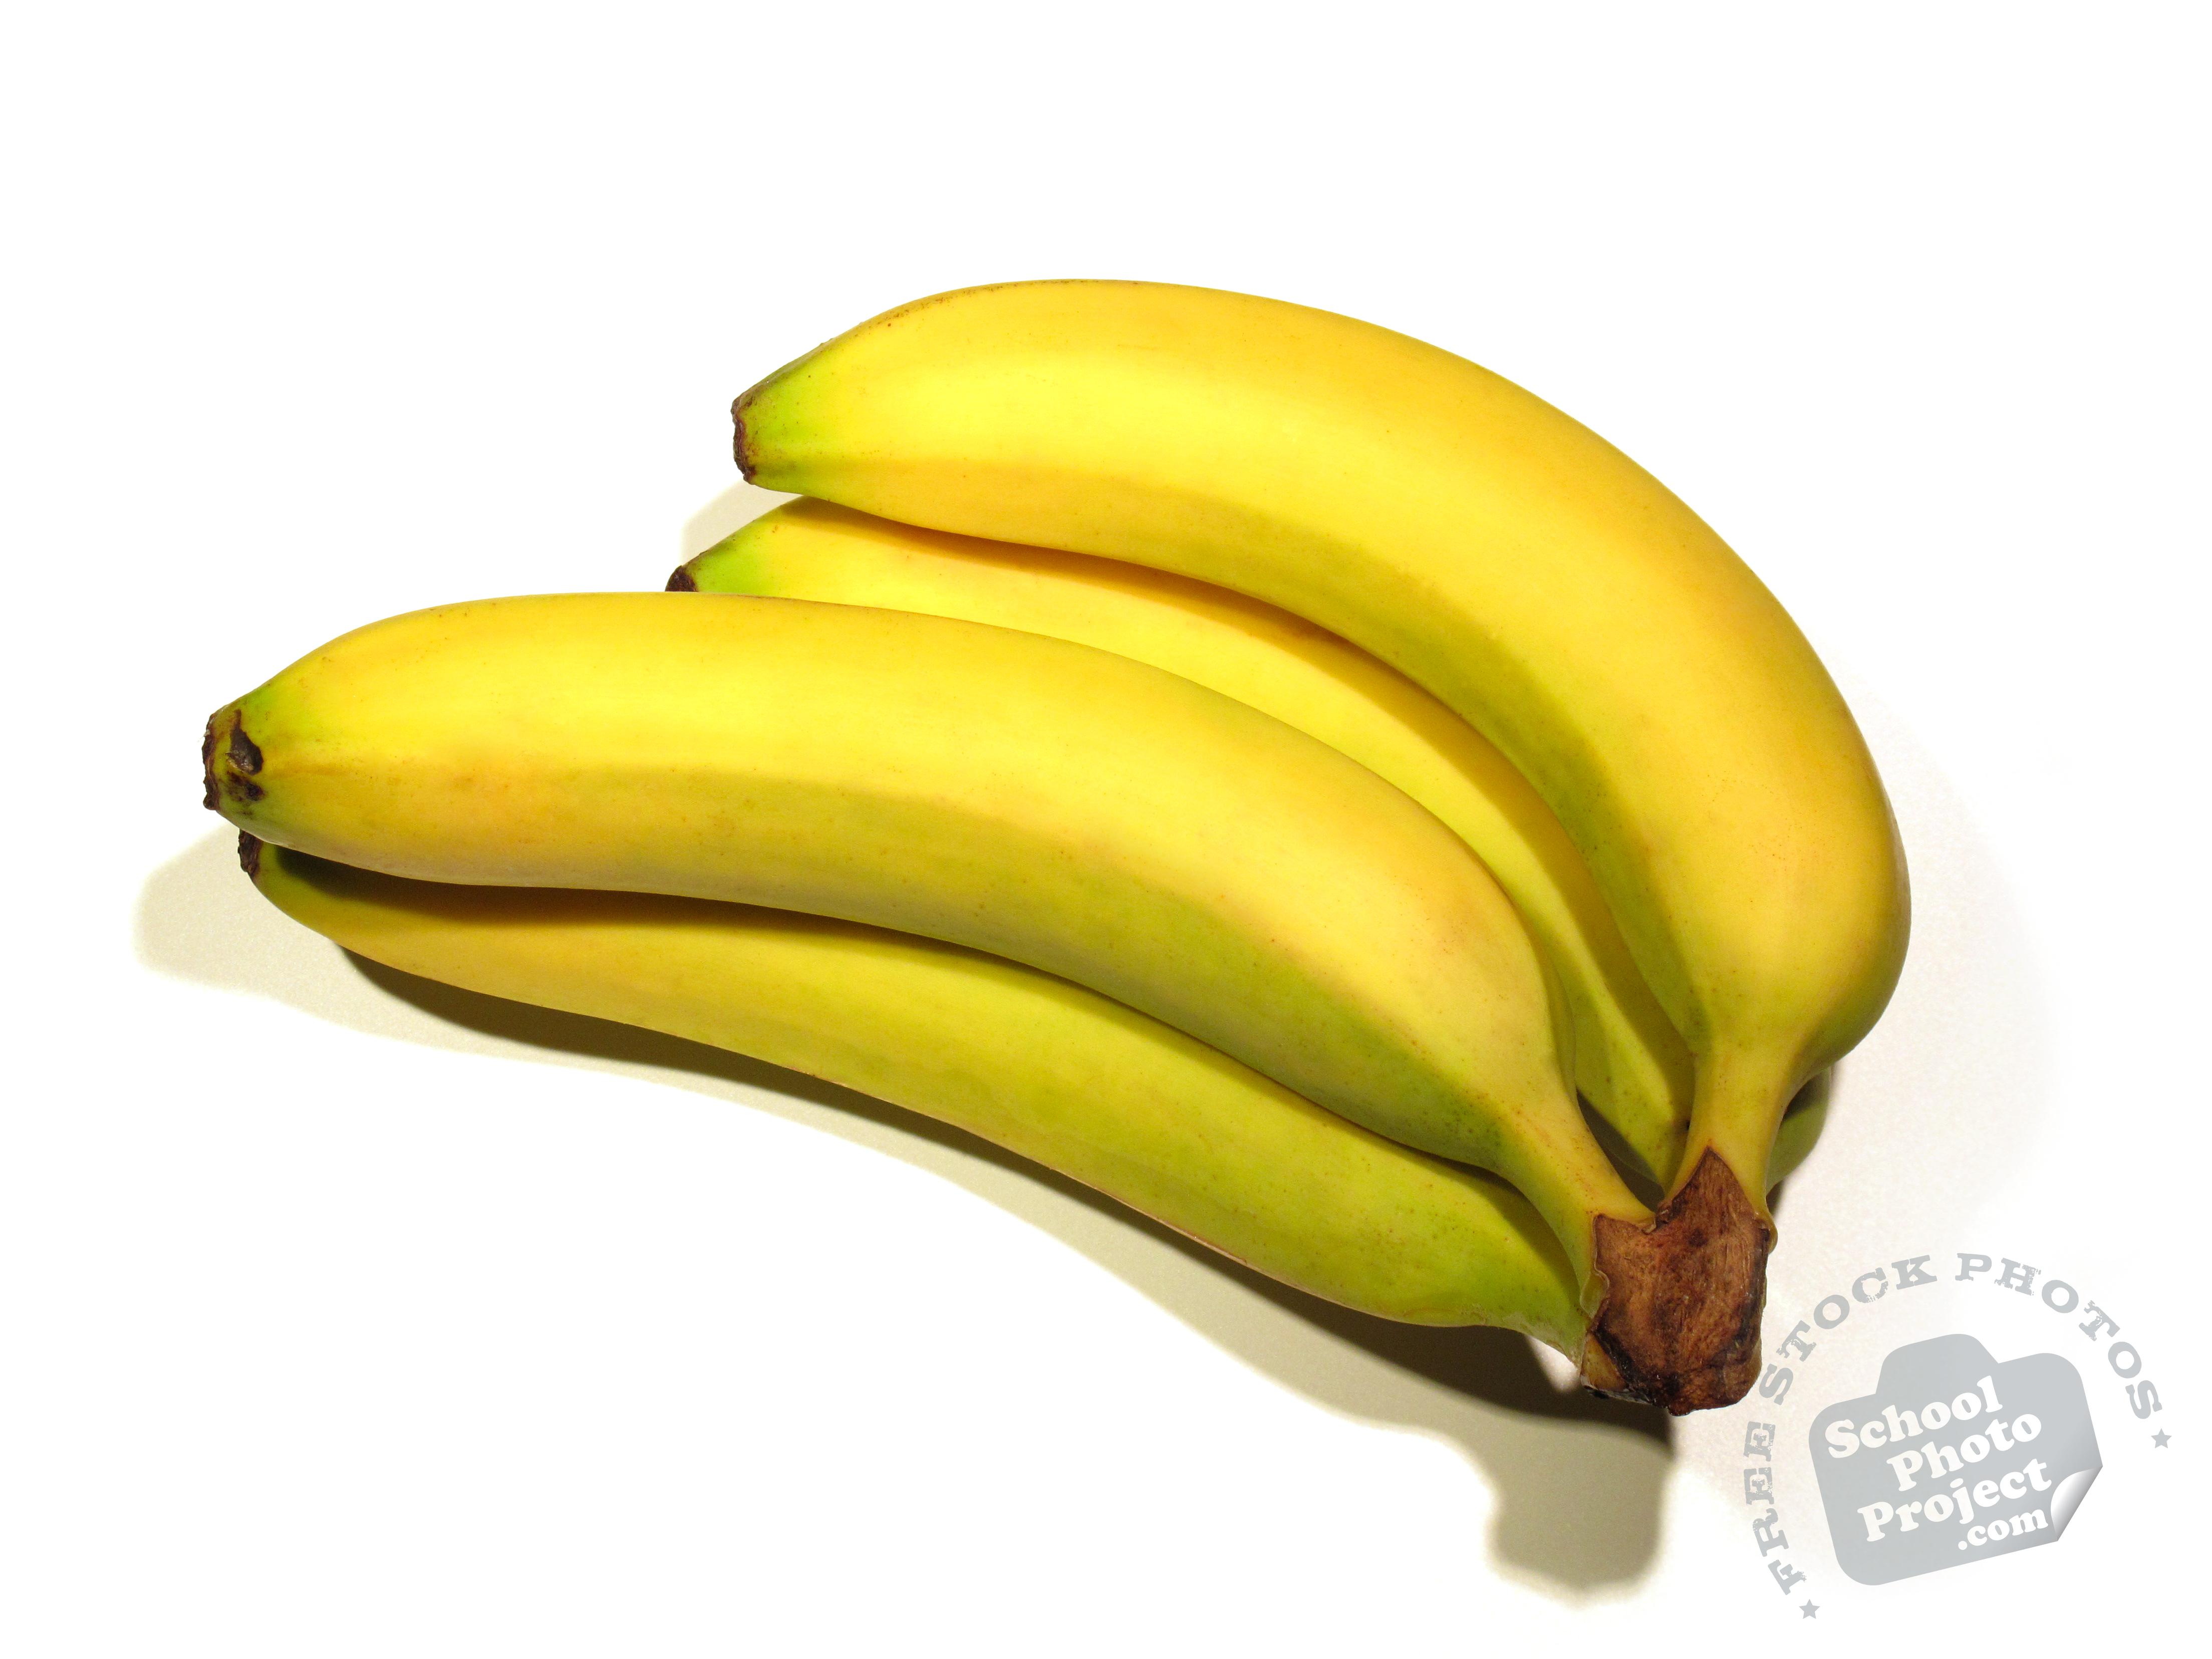 Bananas clipart bananan. Free banana photo bunch